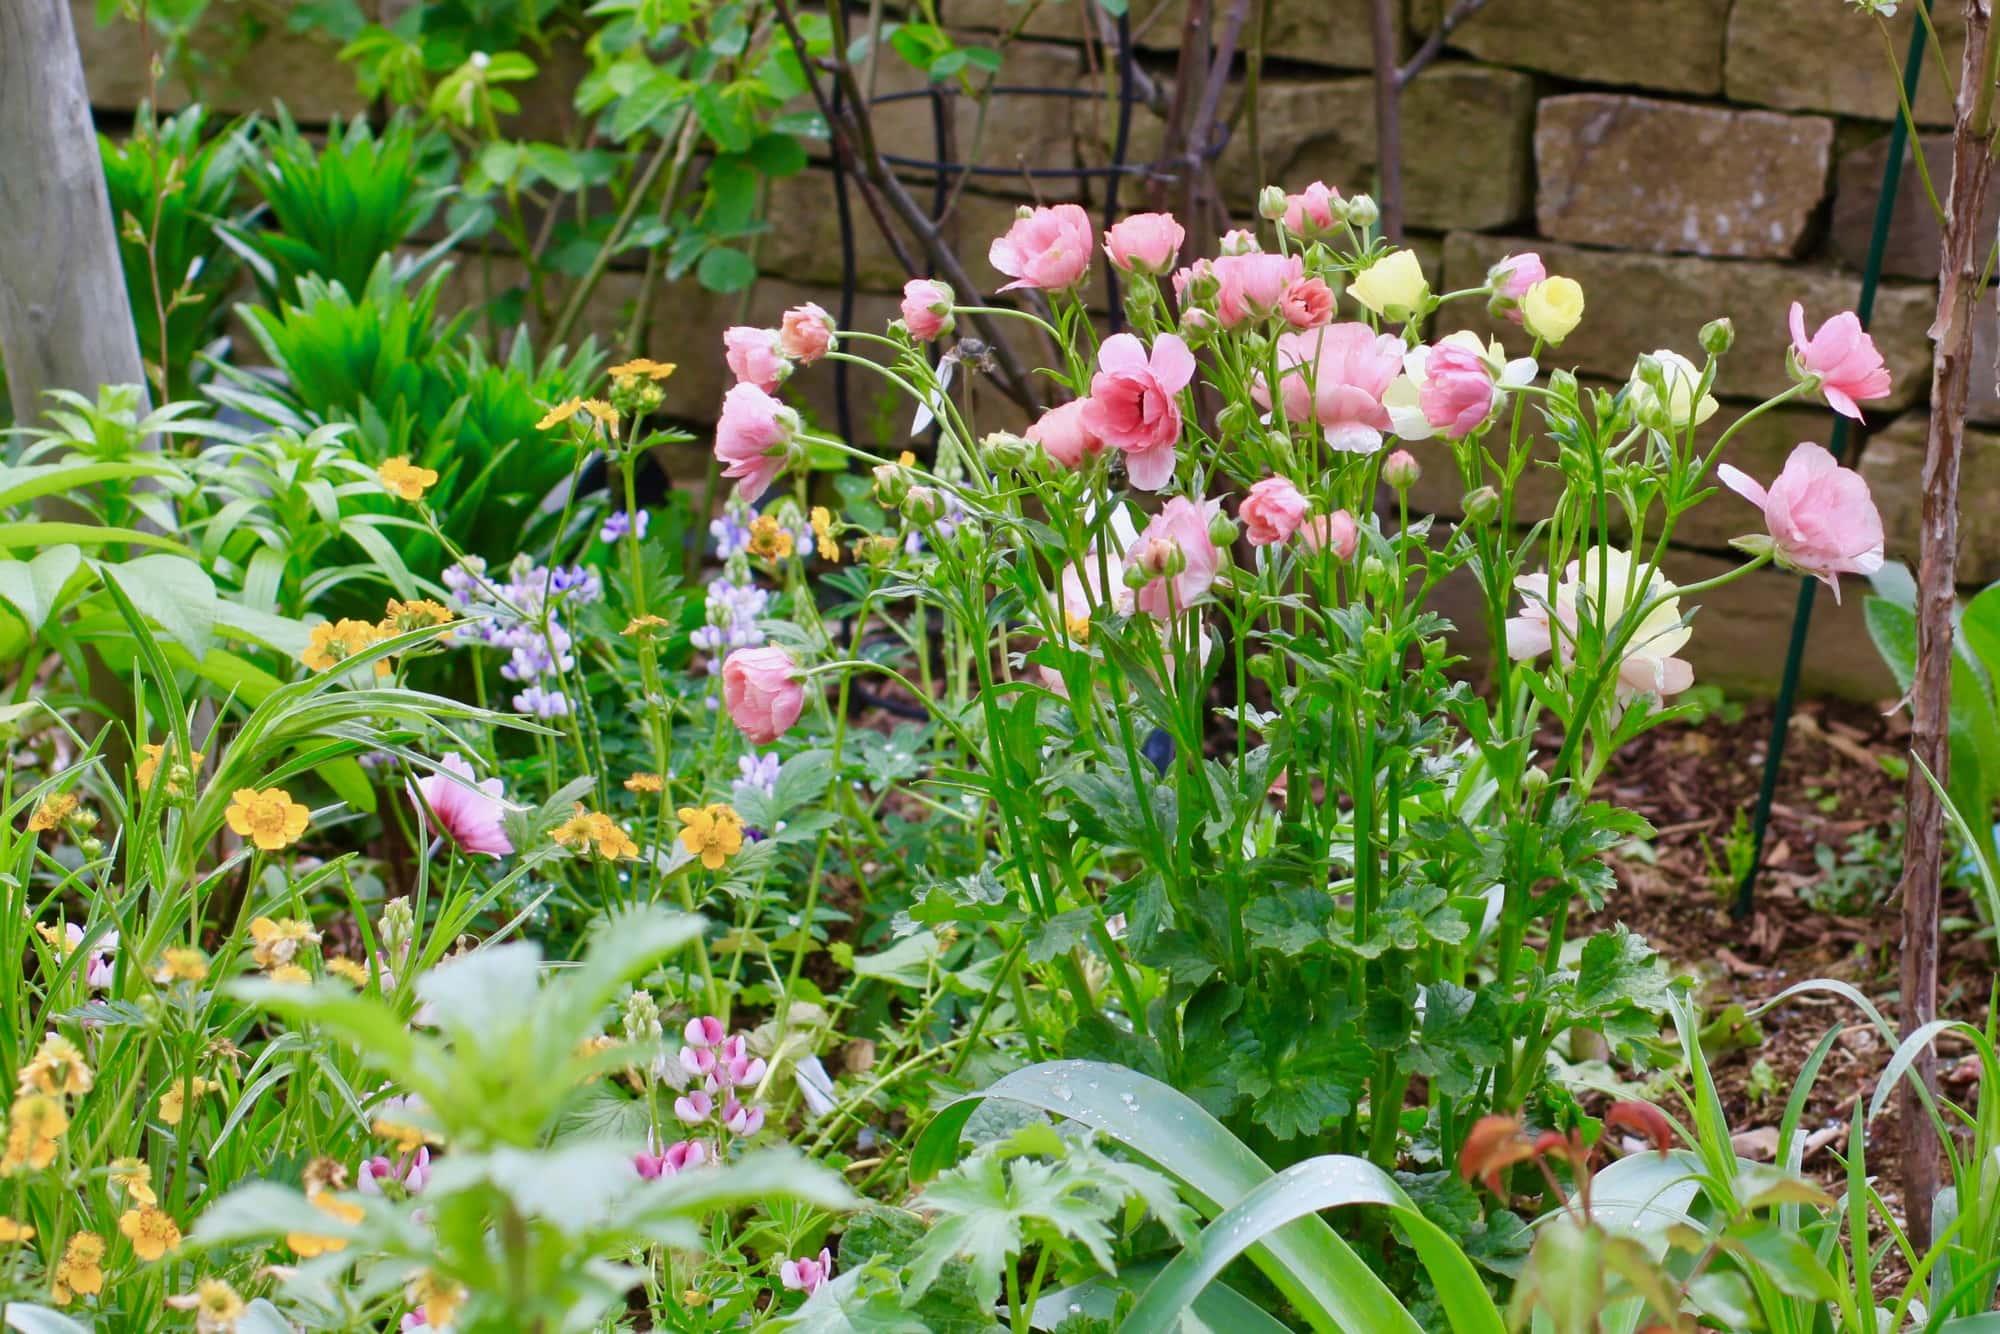 庭に咲くピンクのラナンキュラス